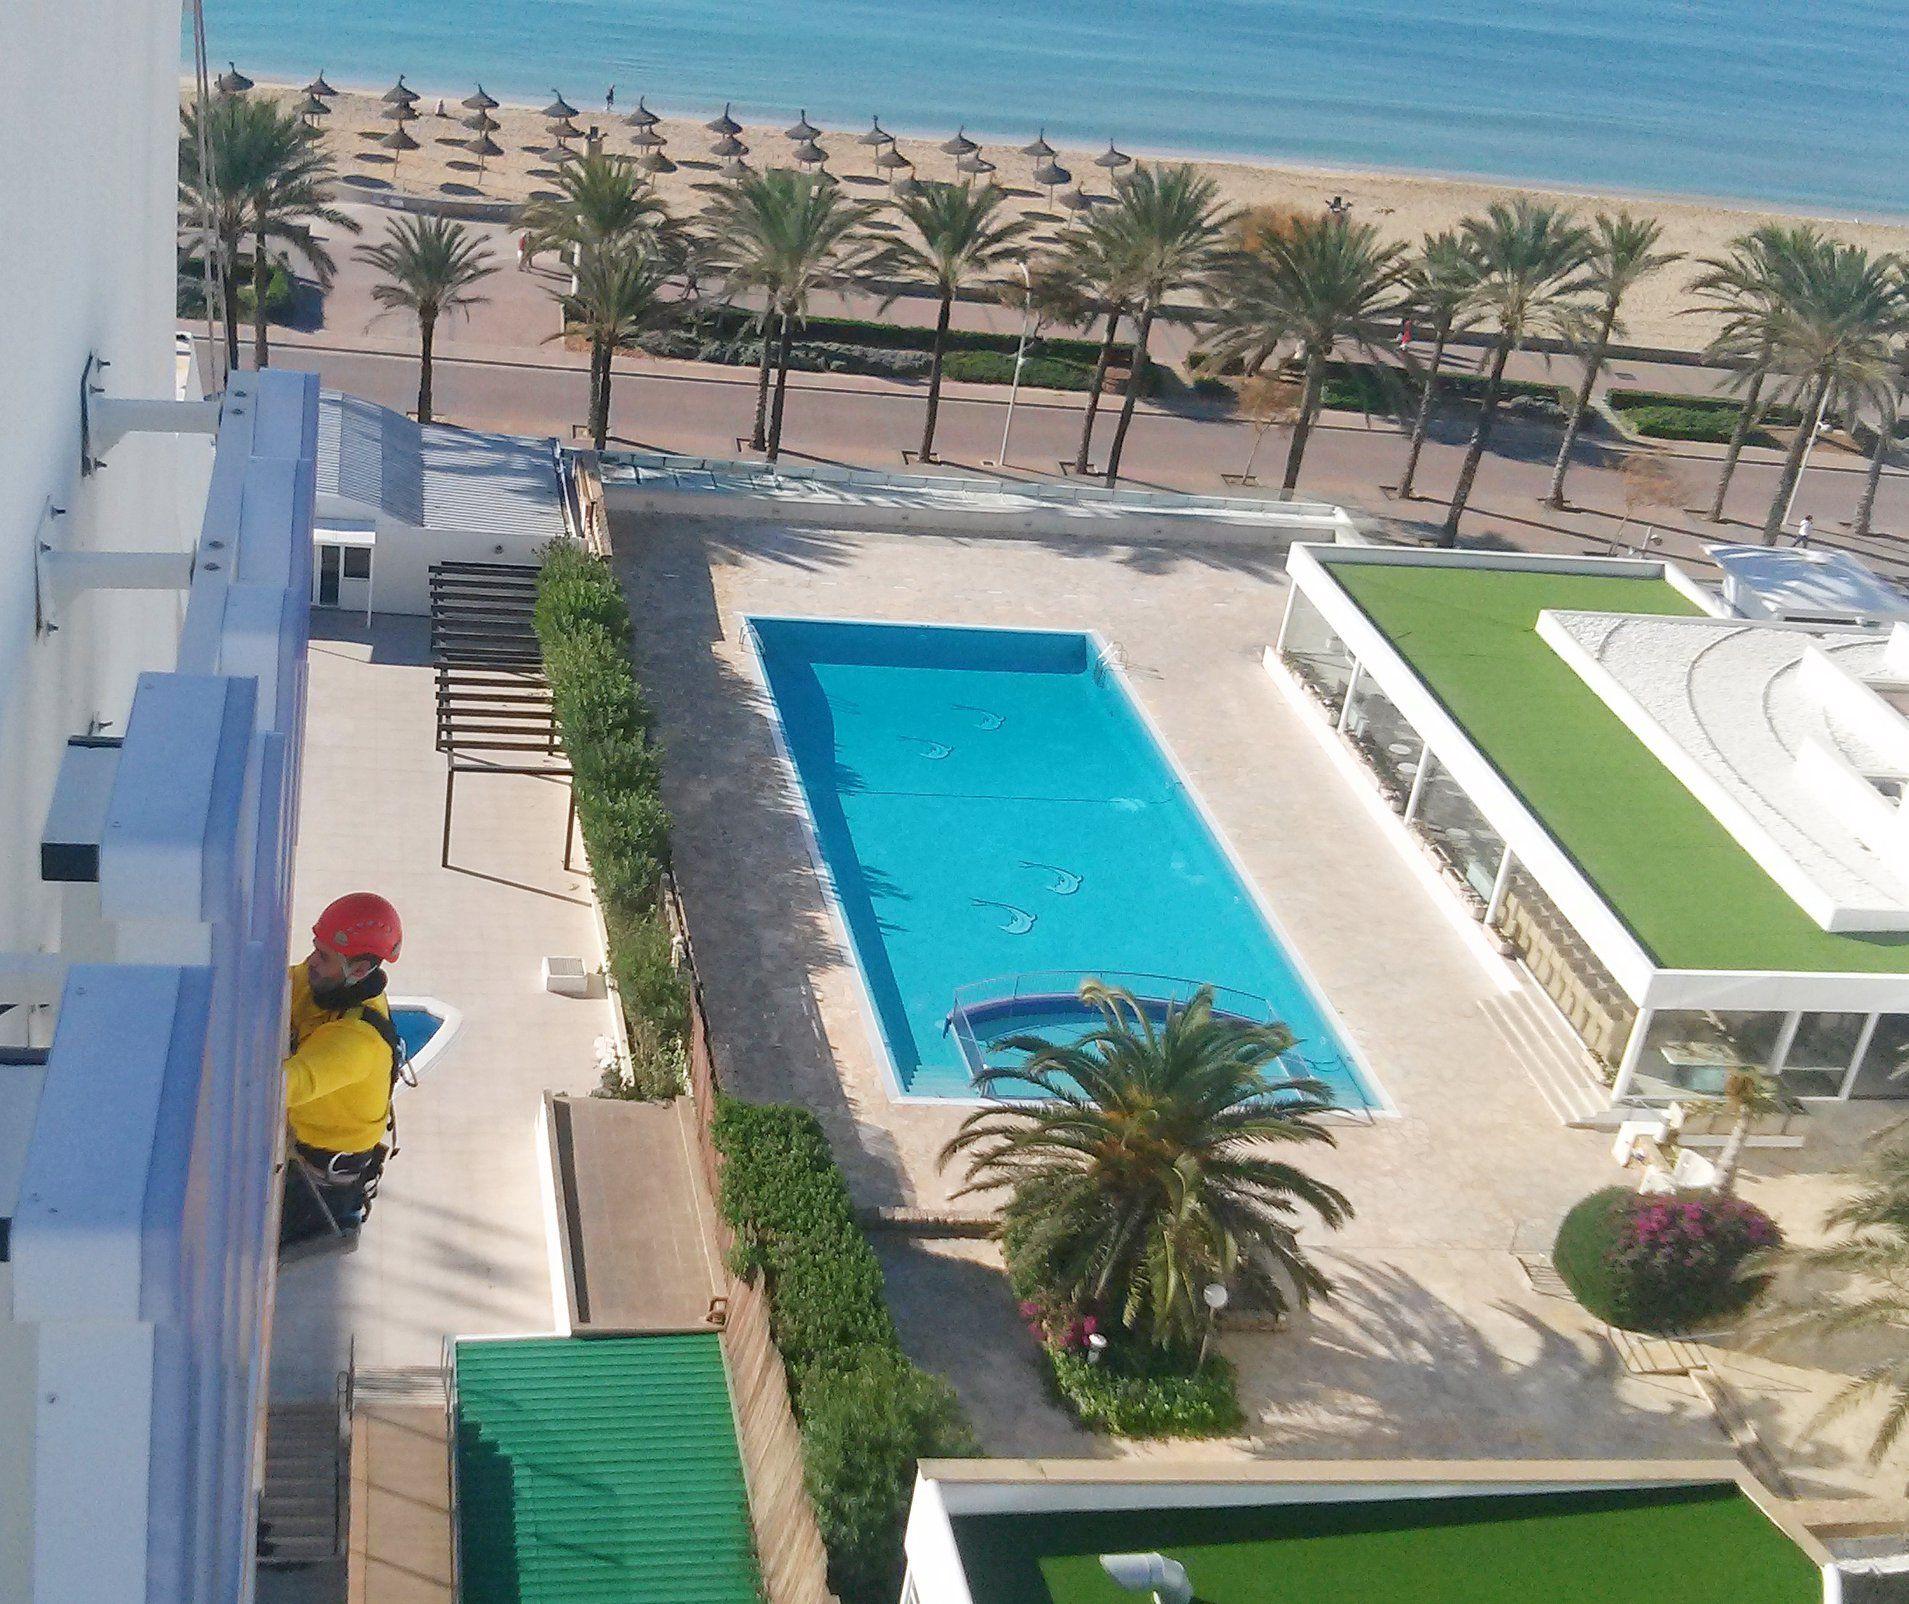 Foto 28 de Trabajos verticales en Palma de Mallorca   Trabajos Verticales Florinity